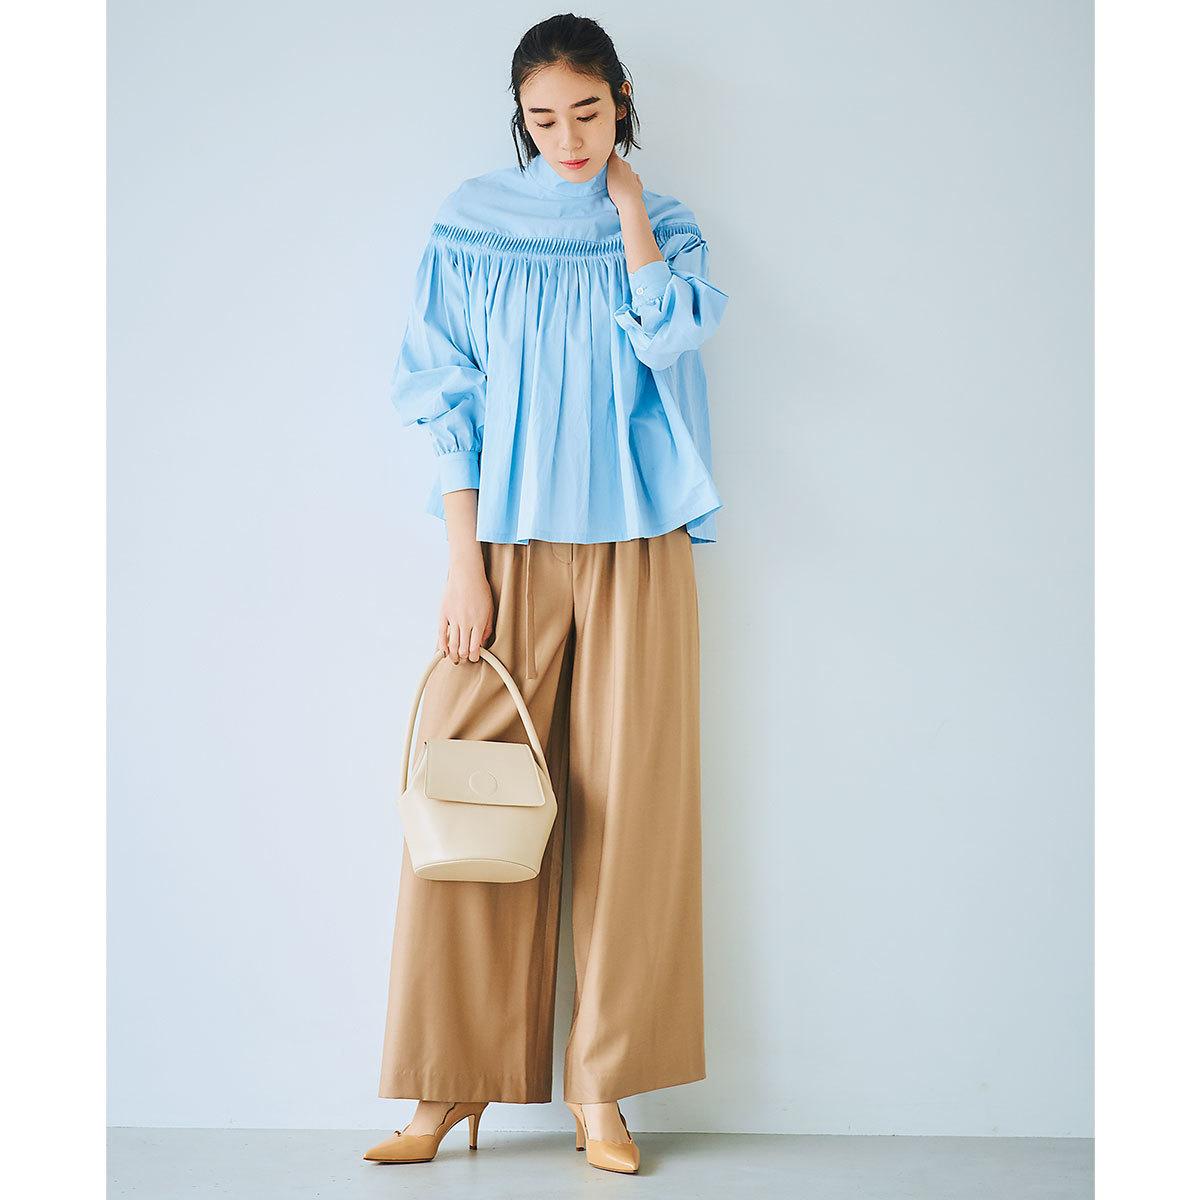 サックスブルーのシャツ×ベージュのワイドパンツコーデ